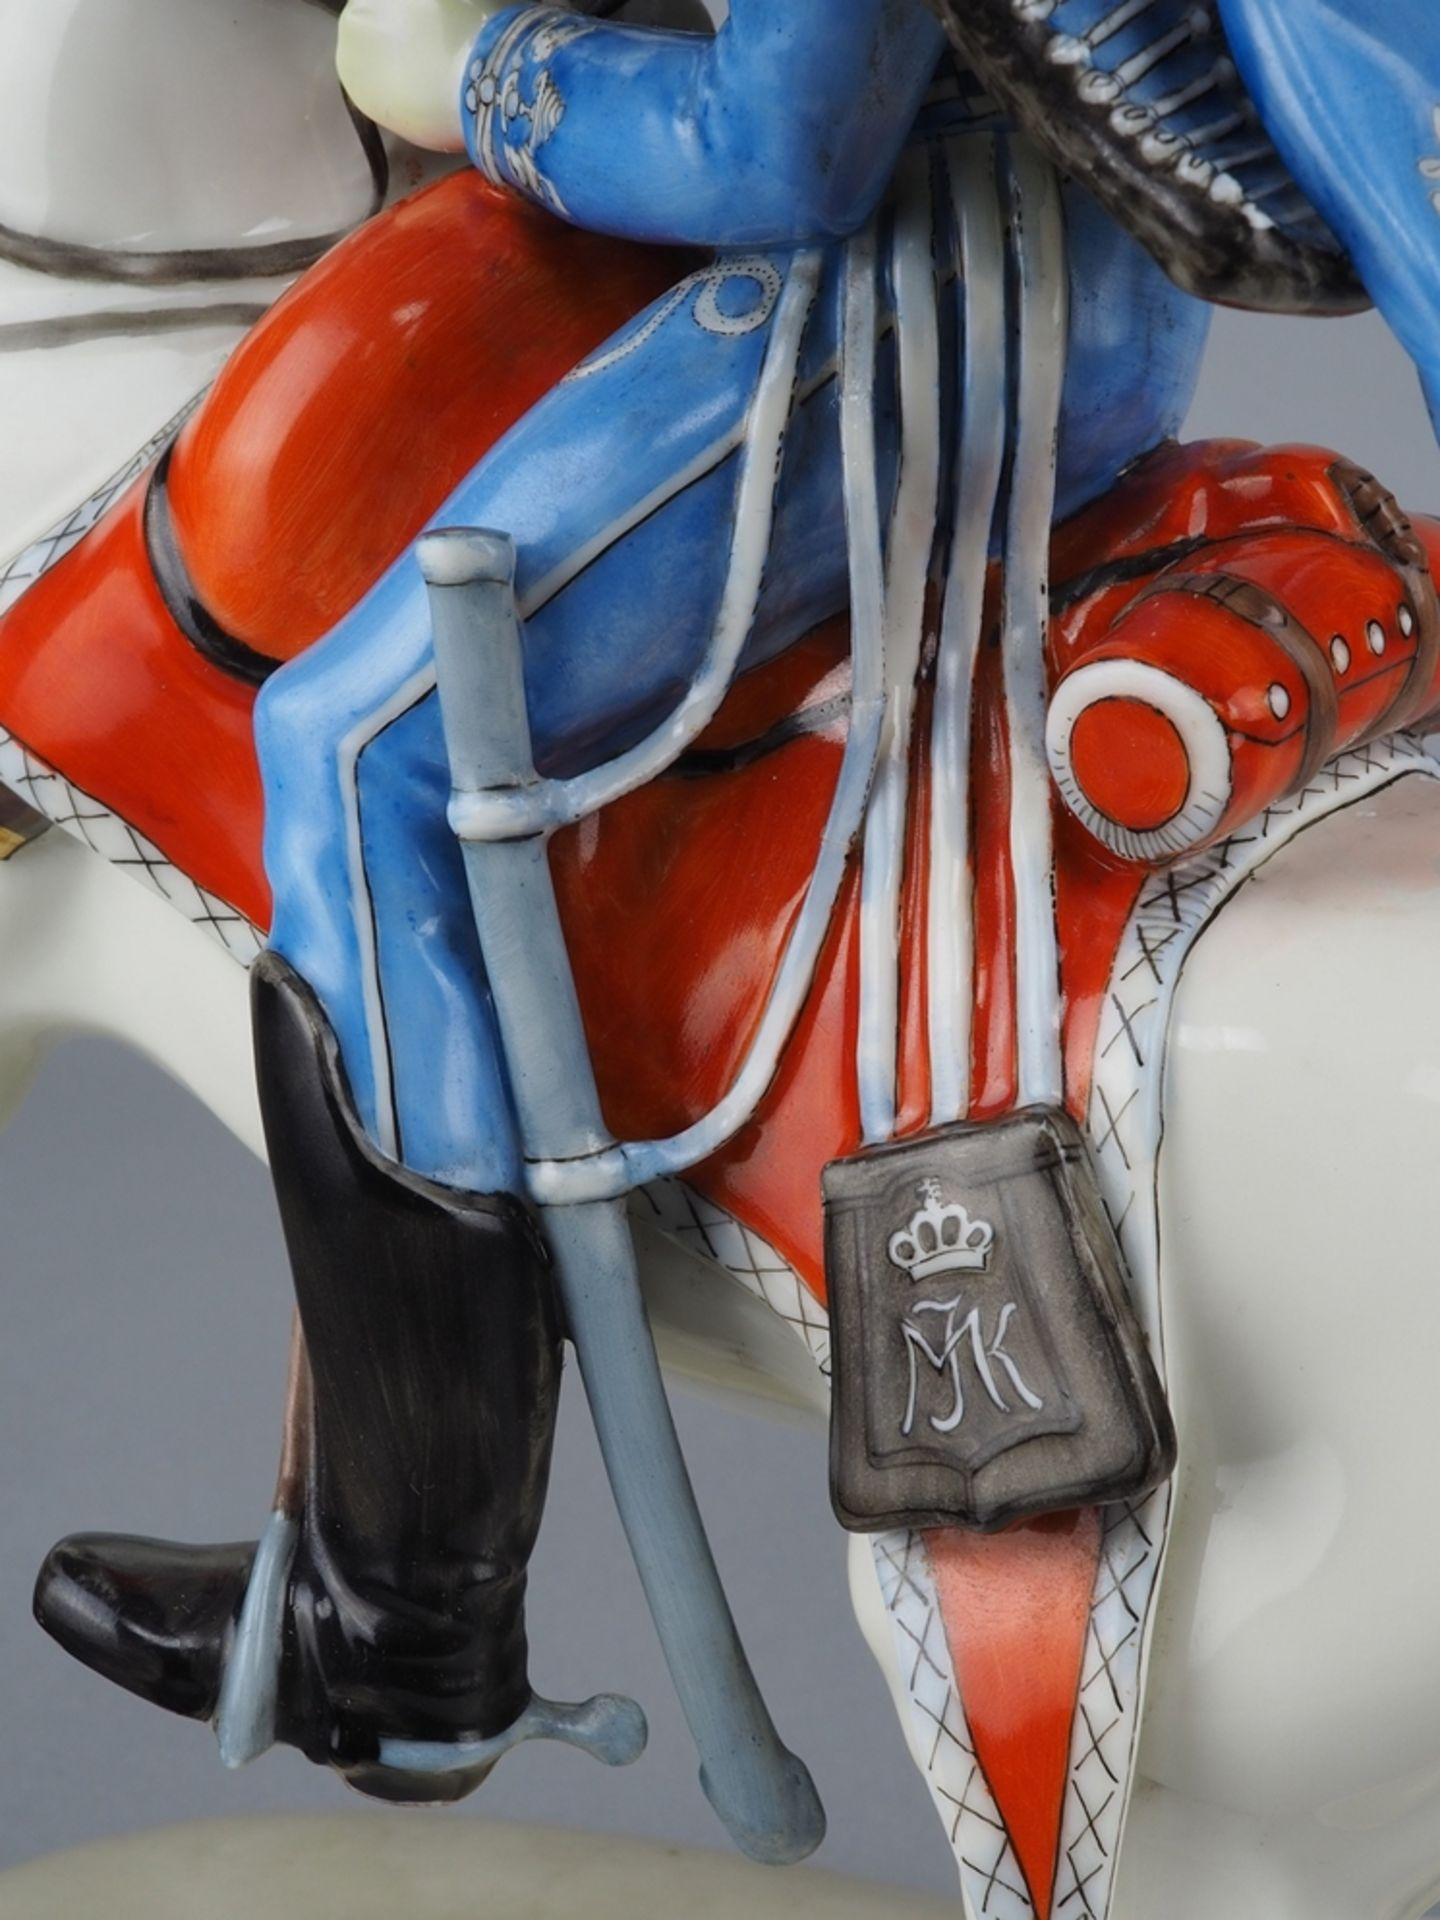 Nymphenburg Porcelain Manufactory: Officer of the 2nd Royal Bavarian Hussar Regiment on horseback. - Image 7 of 8